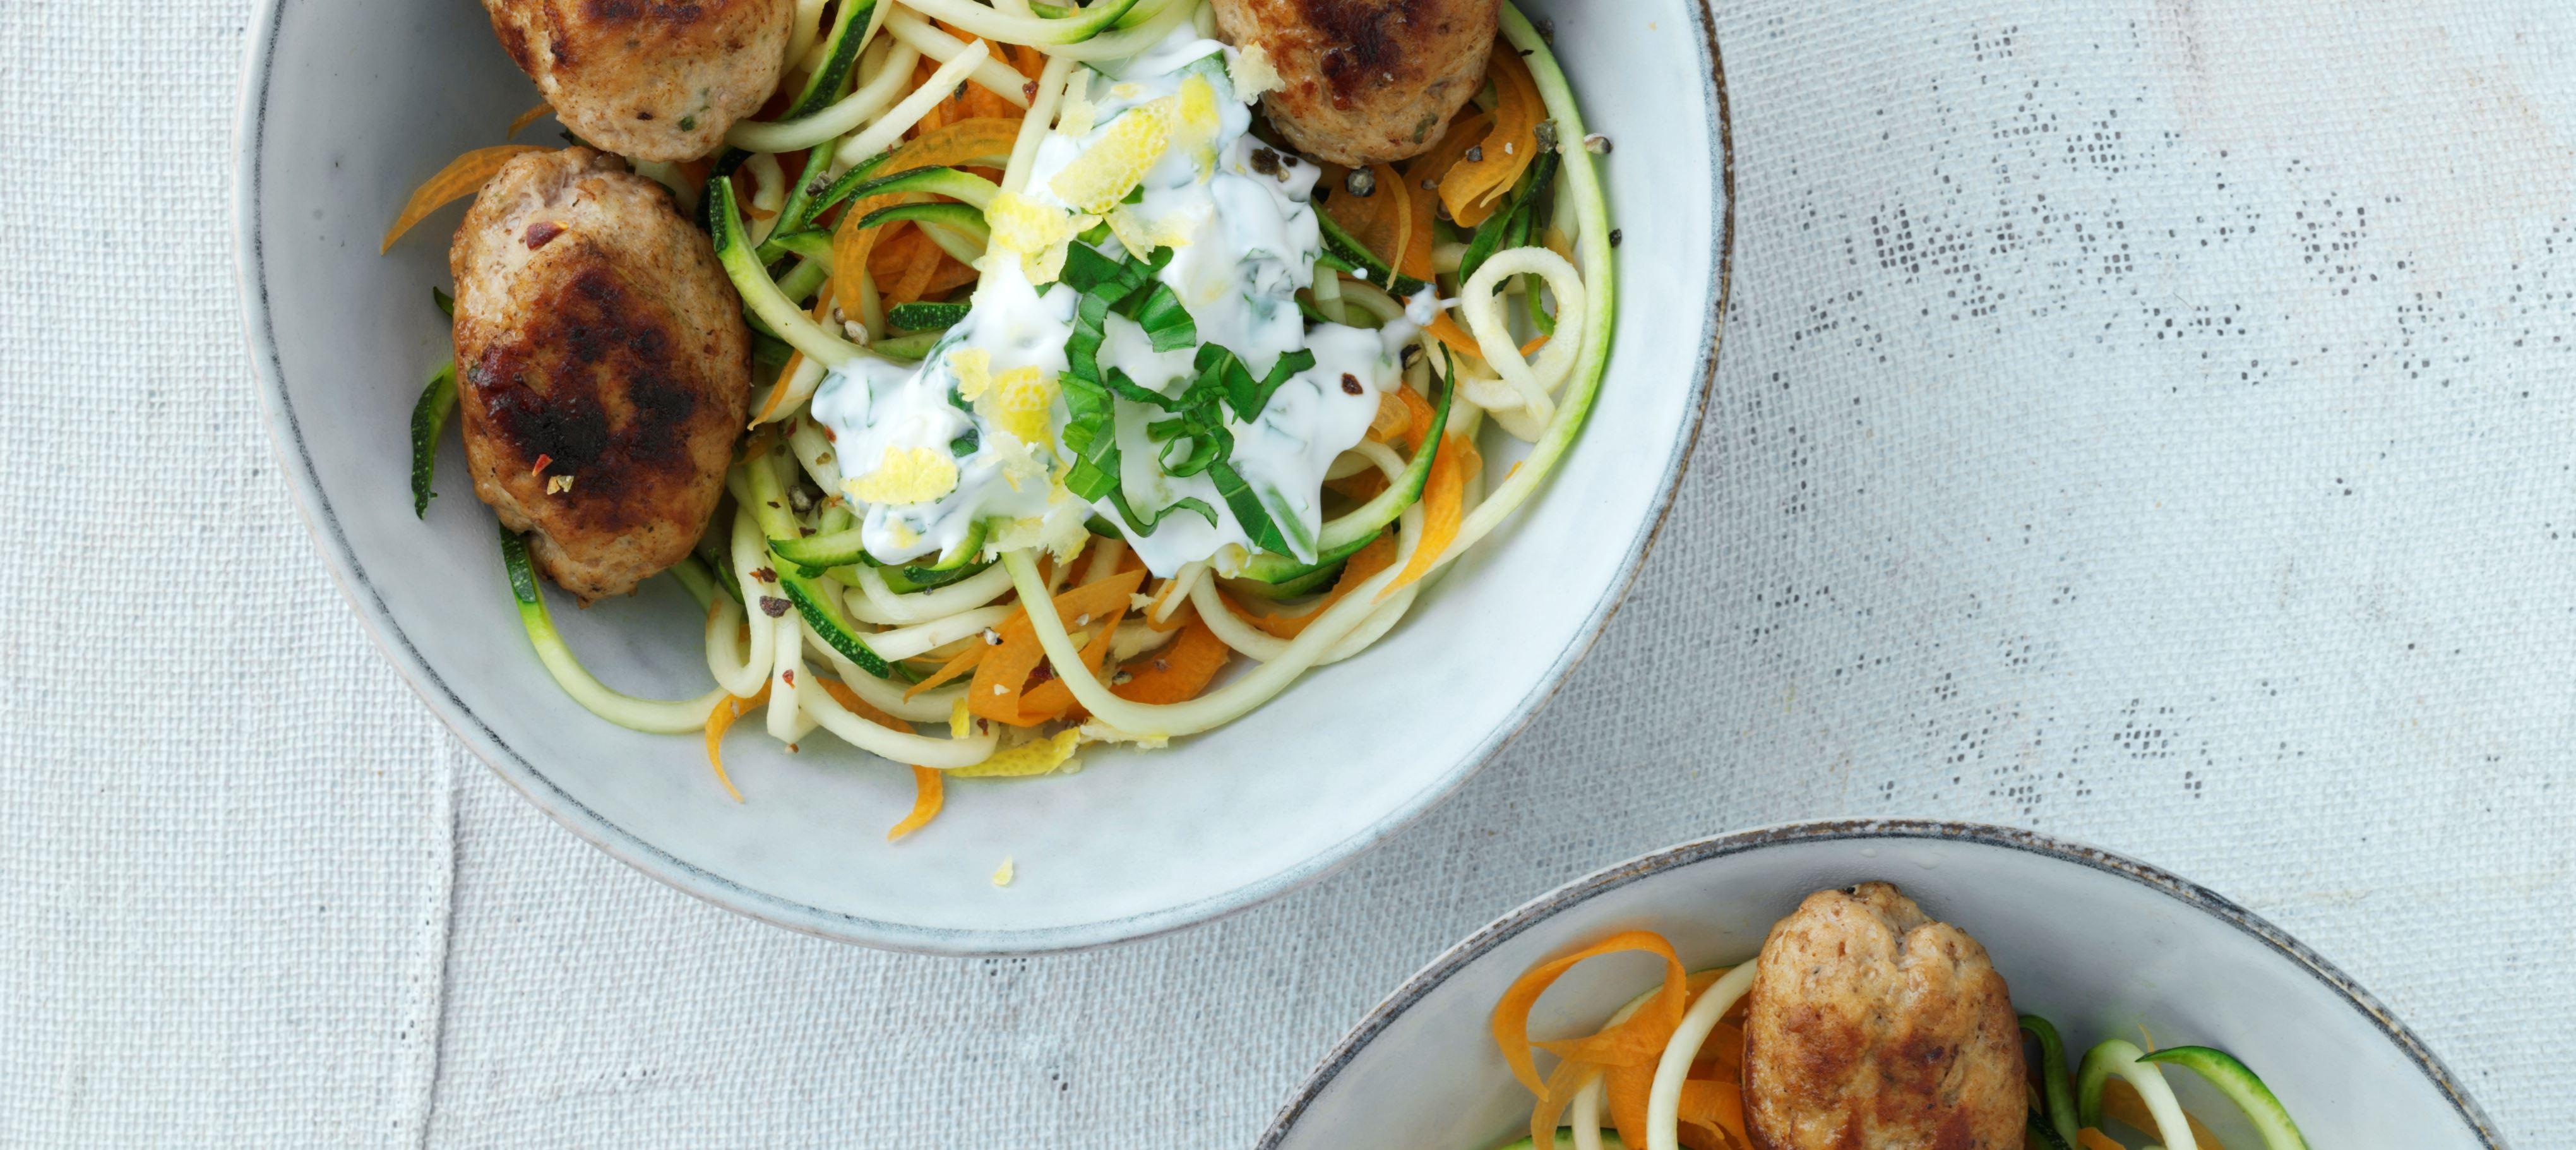 Frikadeller med hytteost og grøntsagsspaghetti